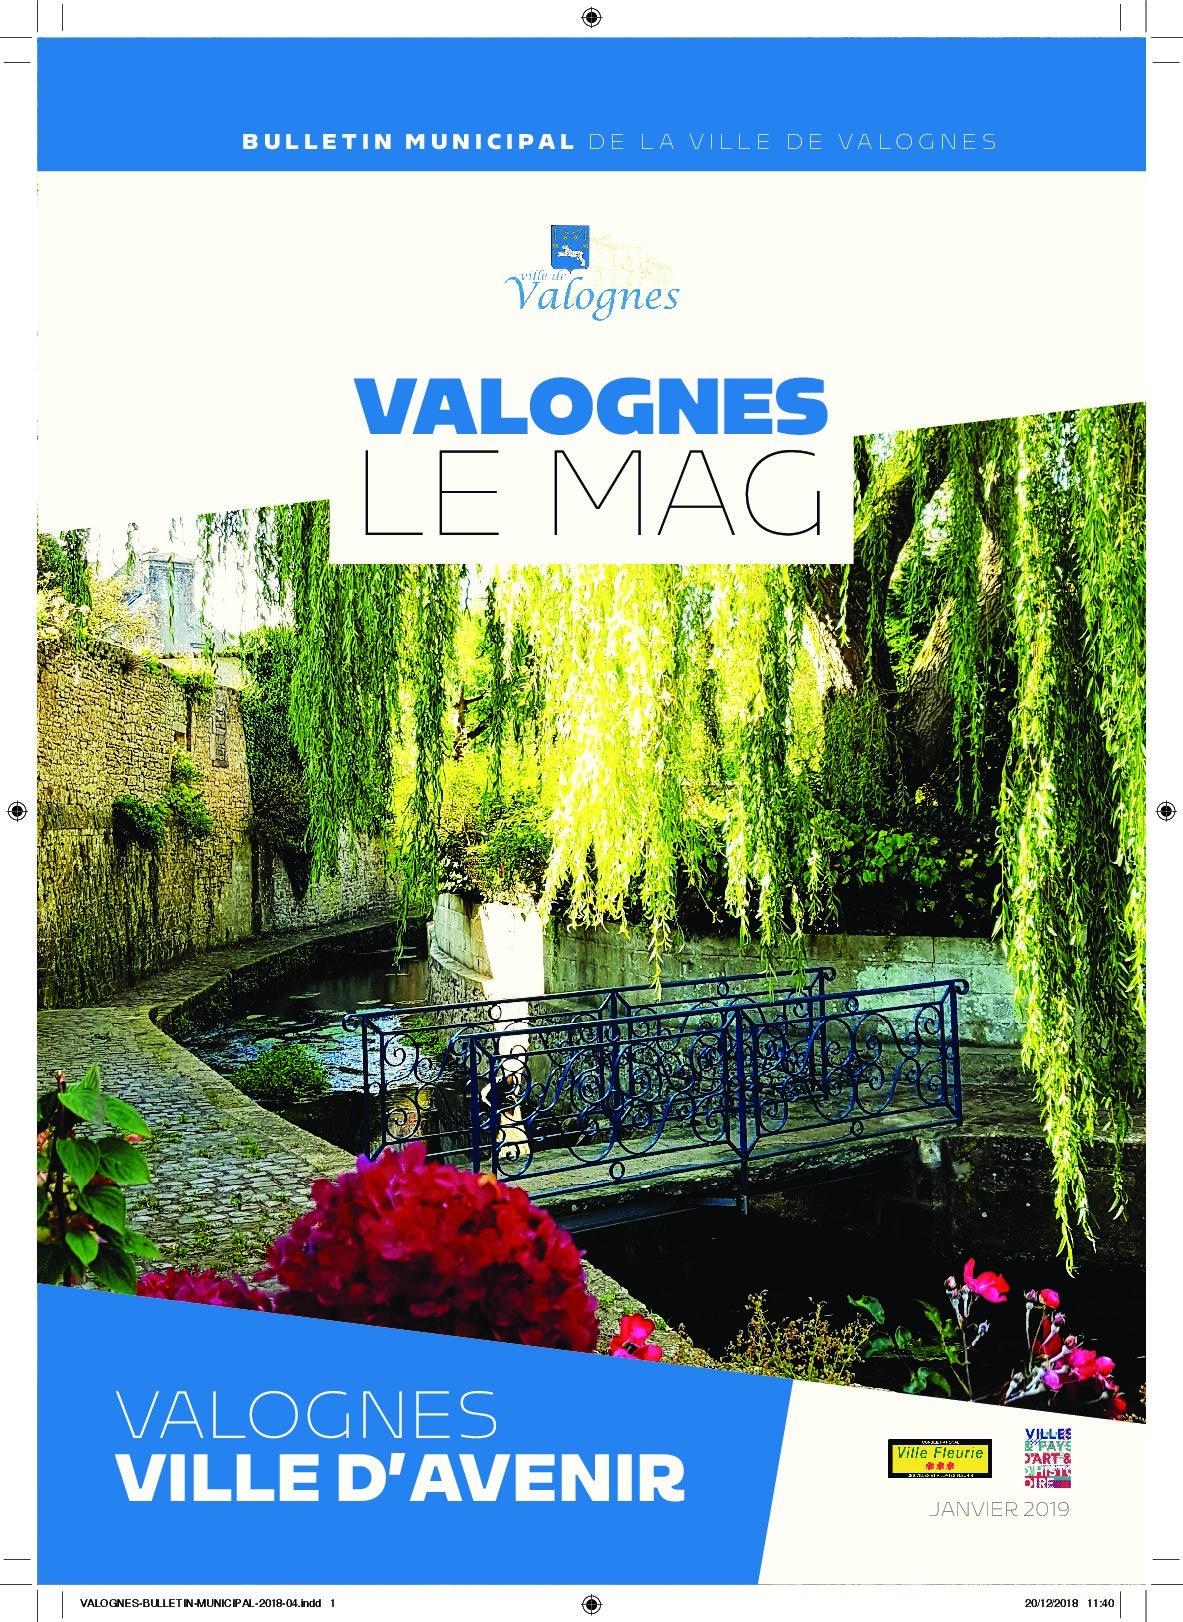 Bulletin municipal 2018 - Valognes, ville d